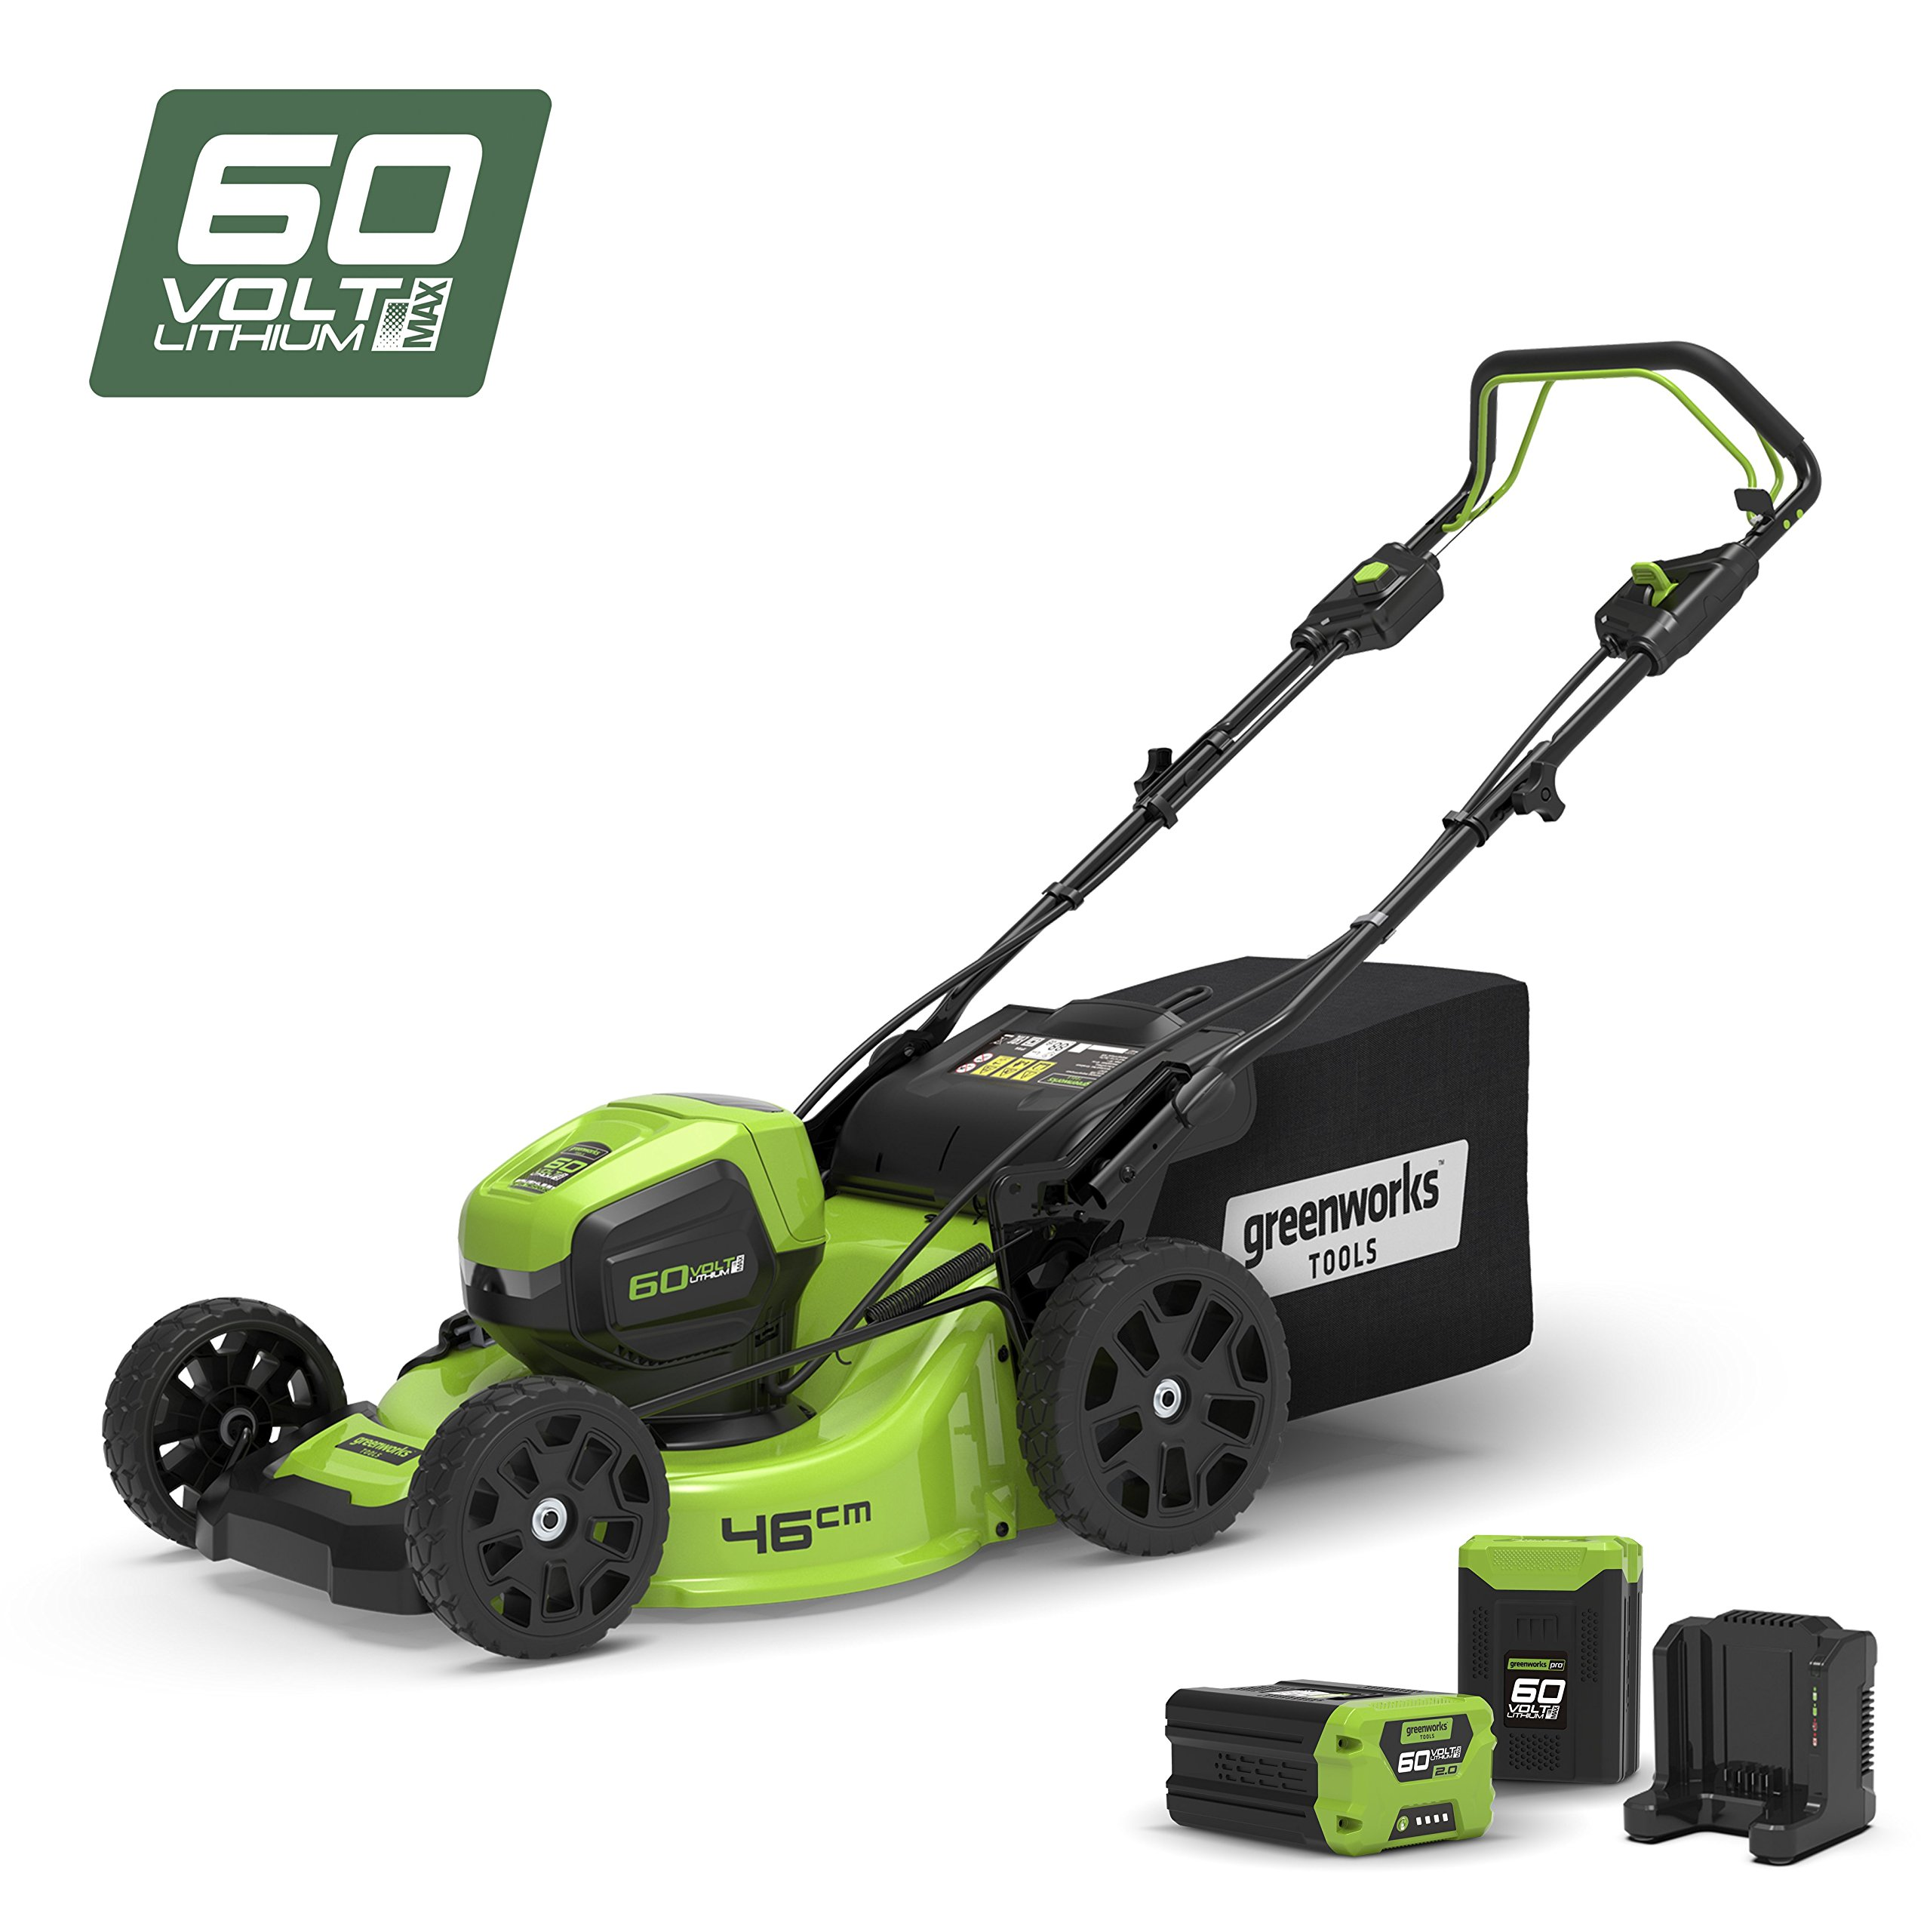 Greenworks gd60lt Strimmer Brushcutter to Battery 60/V Green and Black